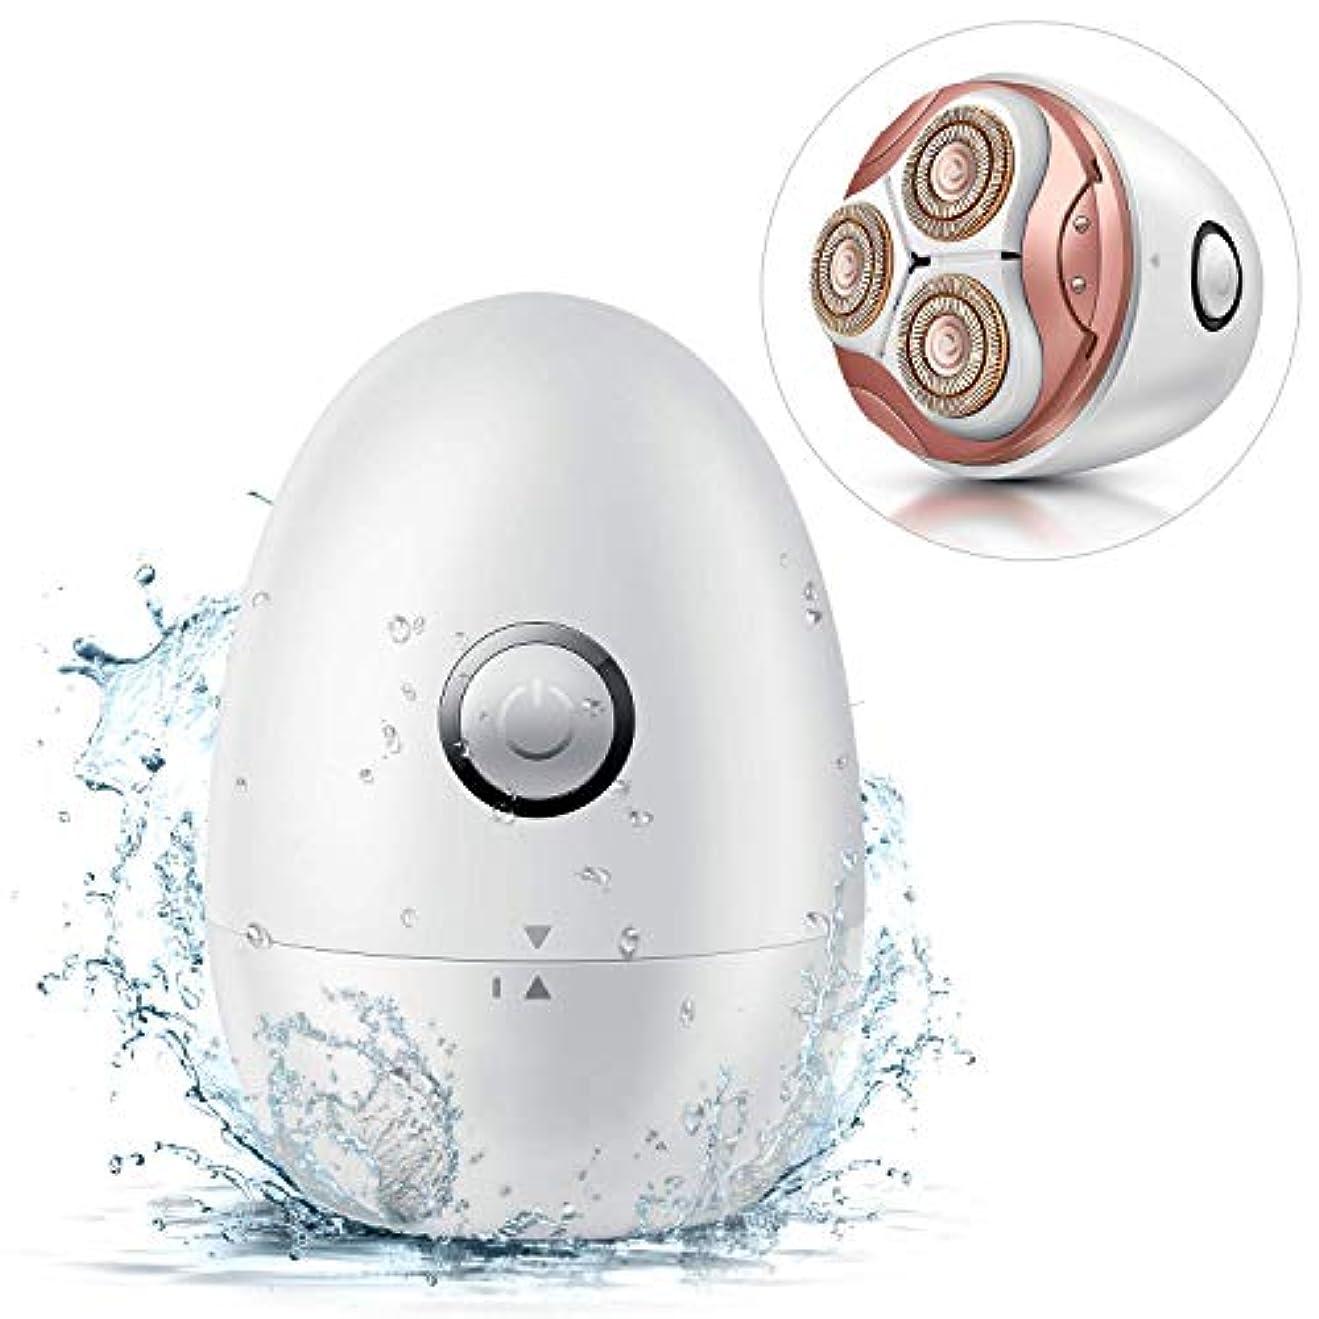 ソーダ水ホーム覚醒コードレスの卵形の女性用かみそり、電気かみそりの防水フェイシャルリムーバー(3つのフローティングヘッド付き)、USBに光充電、白